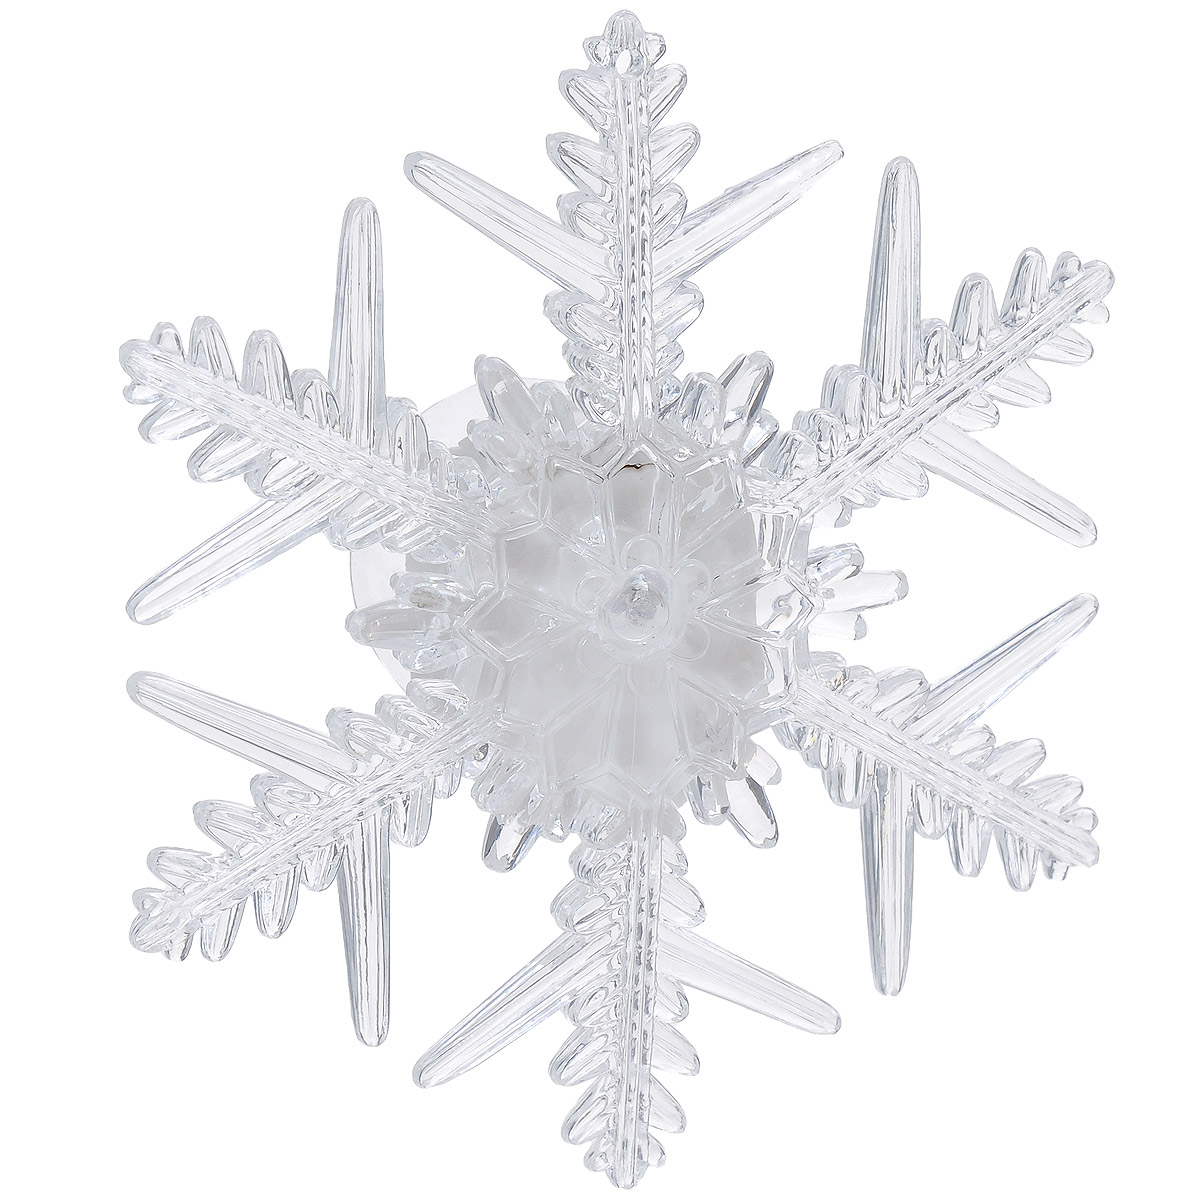 Фигурка Lillo Снежинка, с подсветкой, 10,5 см х 9 смLS-0001 SLФигурка Lillo Снежинка изготовлена из прозрачного пластика. Изделие выполнено в виде снежинки и оснащено присоской. Подсветка включается с помощью переключателя сбоку фигурки. Свечение плавно переходит из одного цвета в другой. Красивая фигурка ярко дополнит интерьер дома, офиса или детской в преддверии Нового года.Размер фигурки: 10,5 см х 9 см